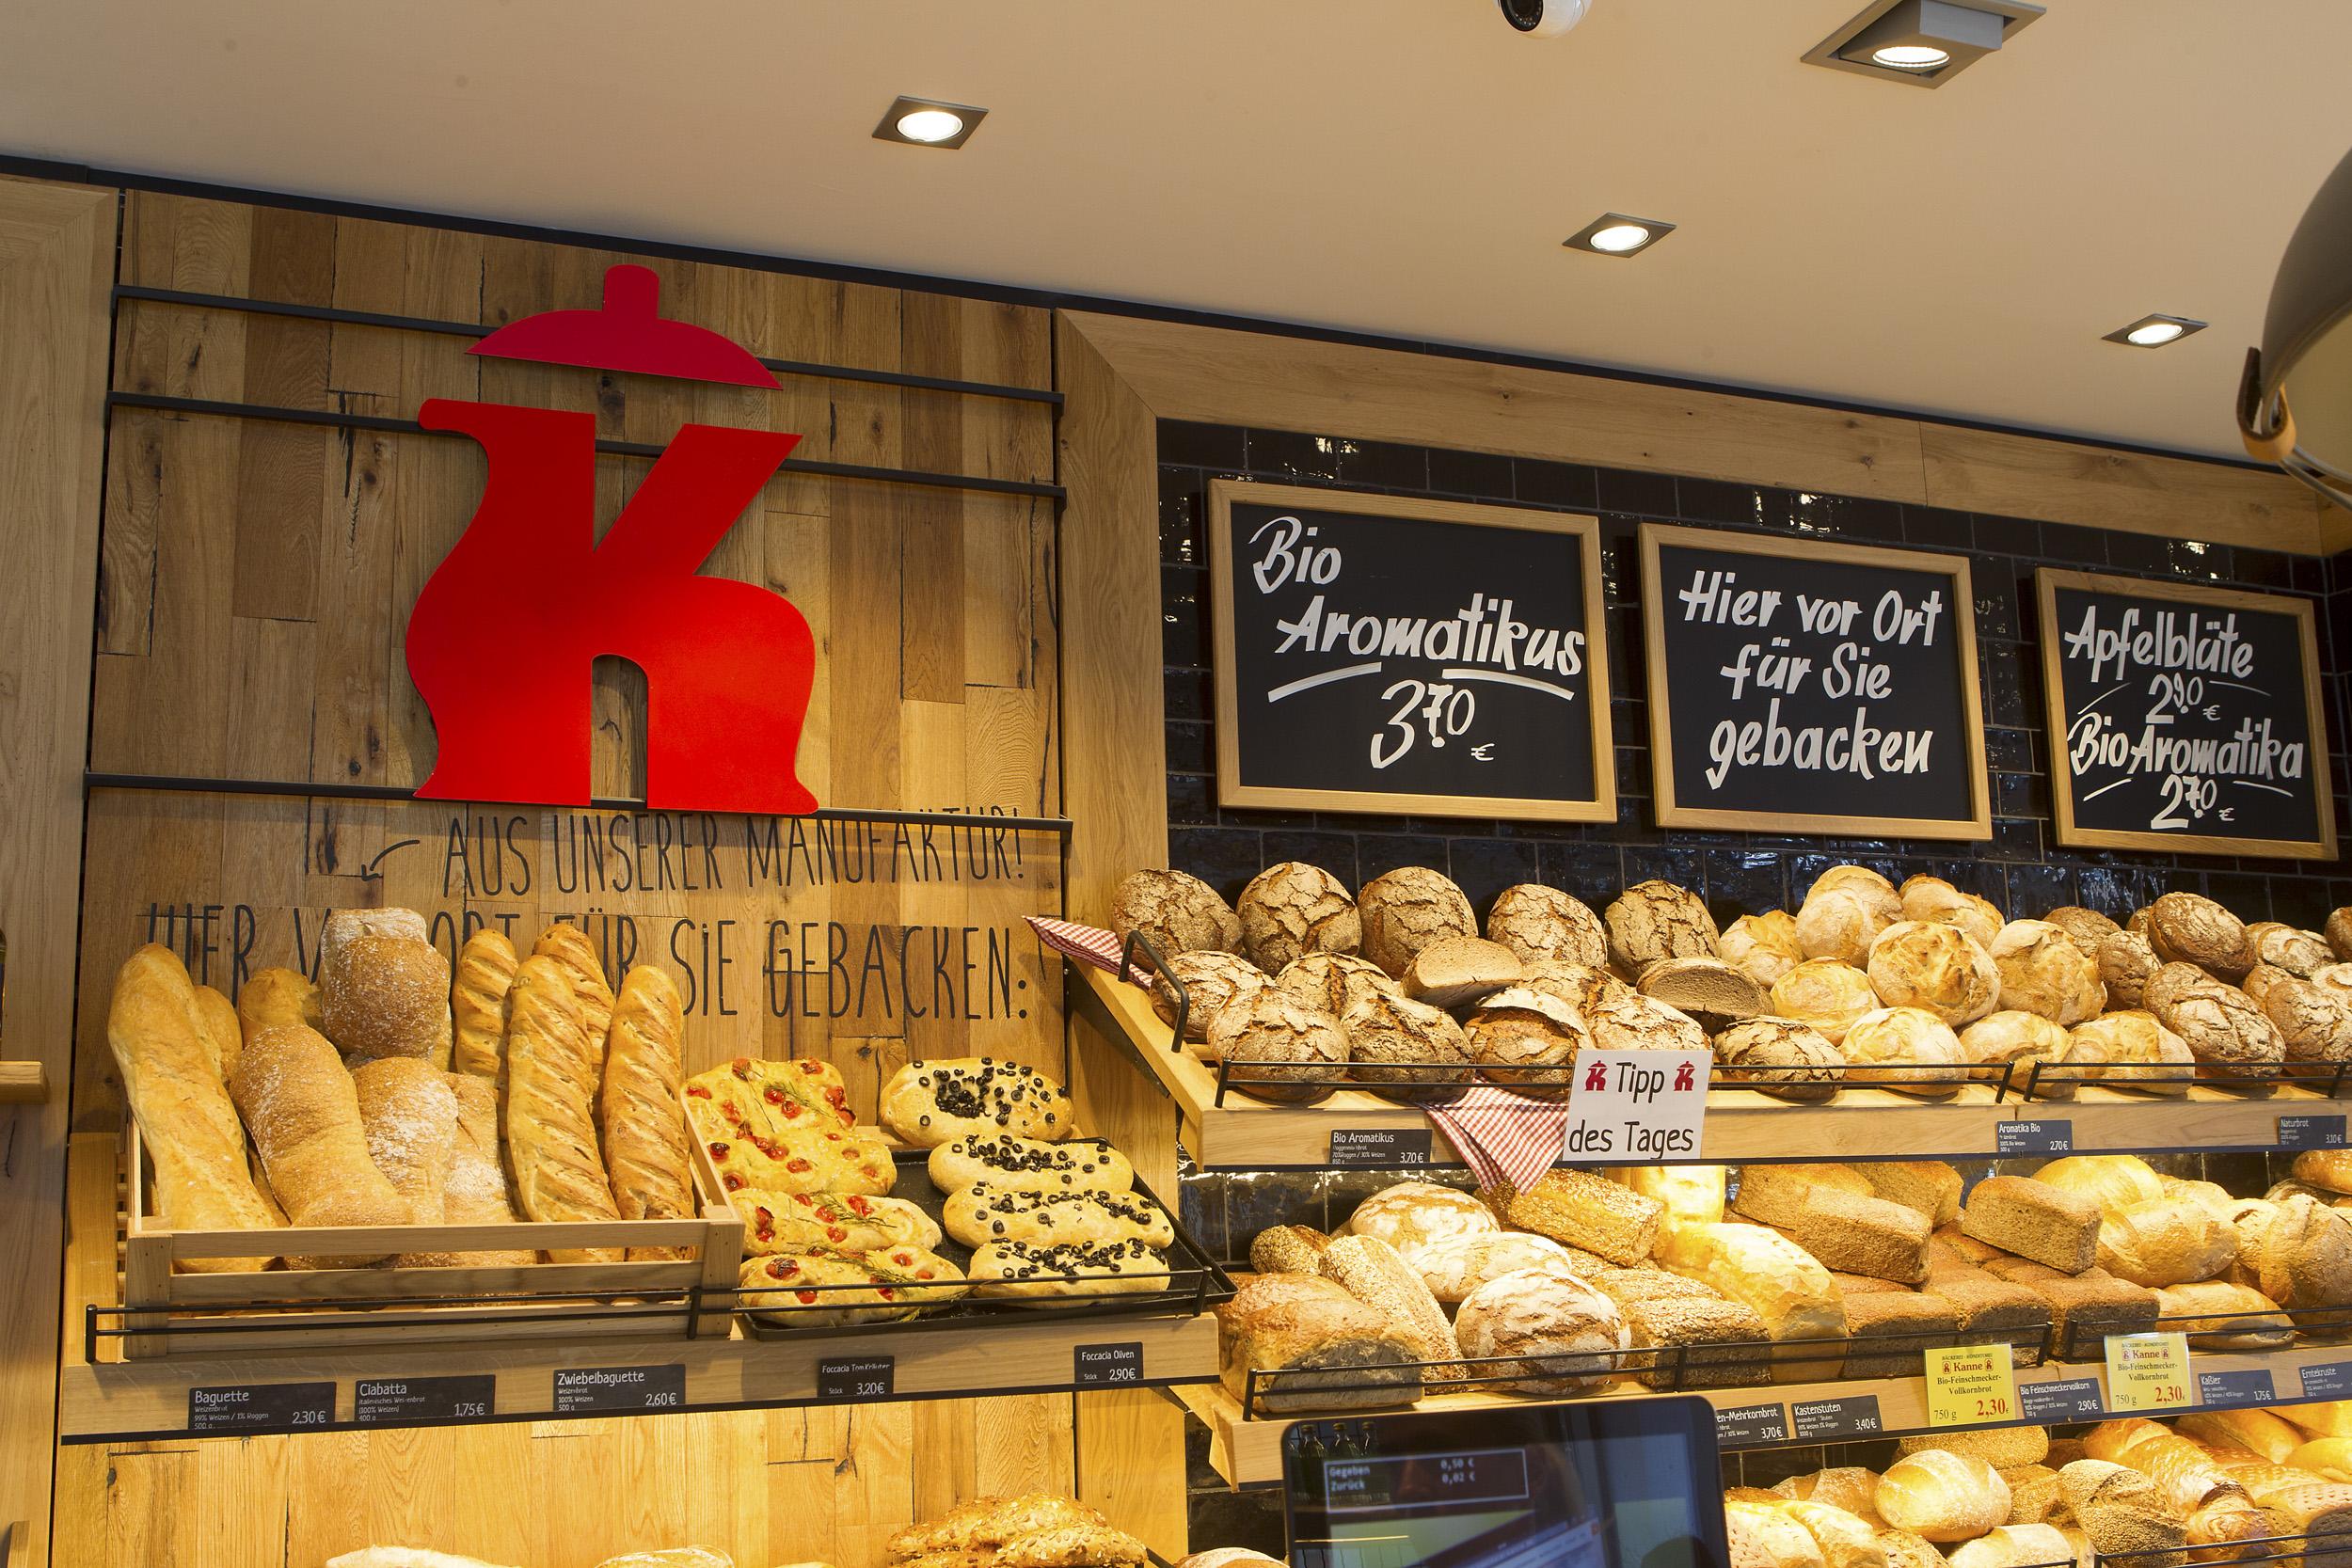 wir-in-der-region-engagement in der region unna-kanne traditionsbäckerei-12.jpg